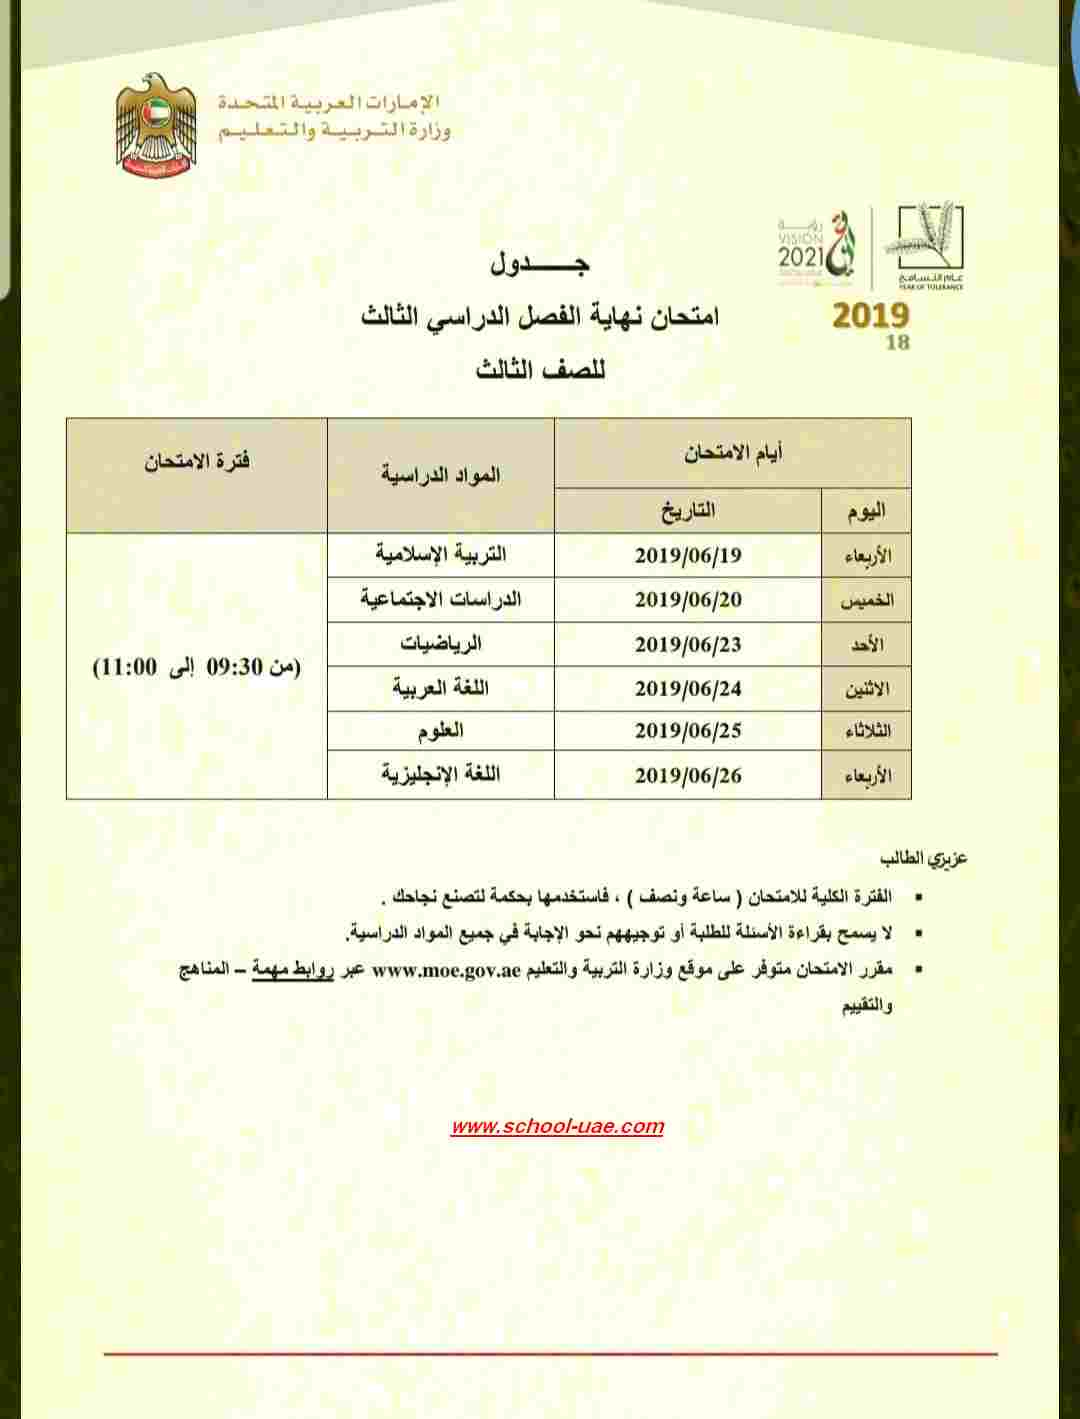 جدول الامتحان الوزاري للصف الثالث الفصل الدراسى الثالث 2019 - مناهج الامارات